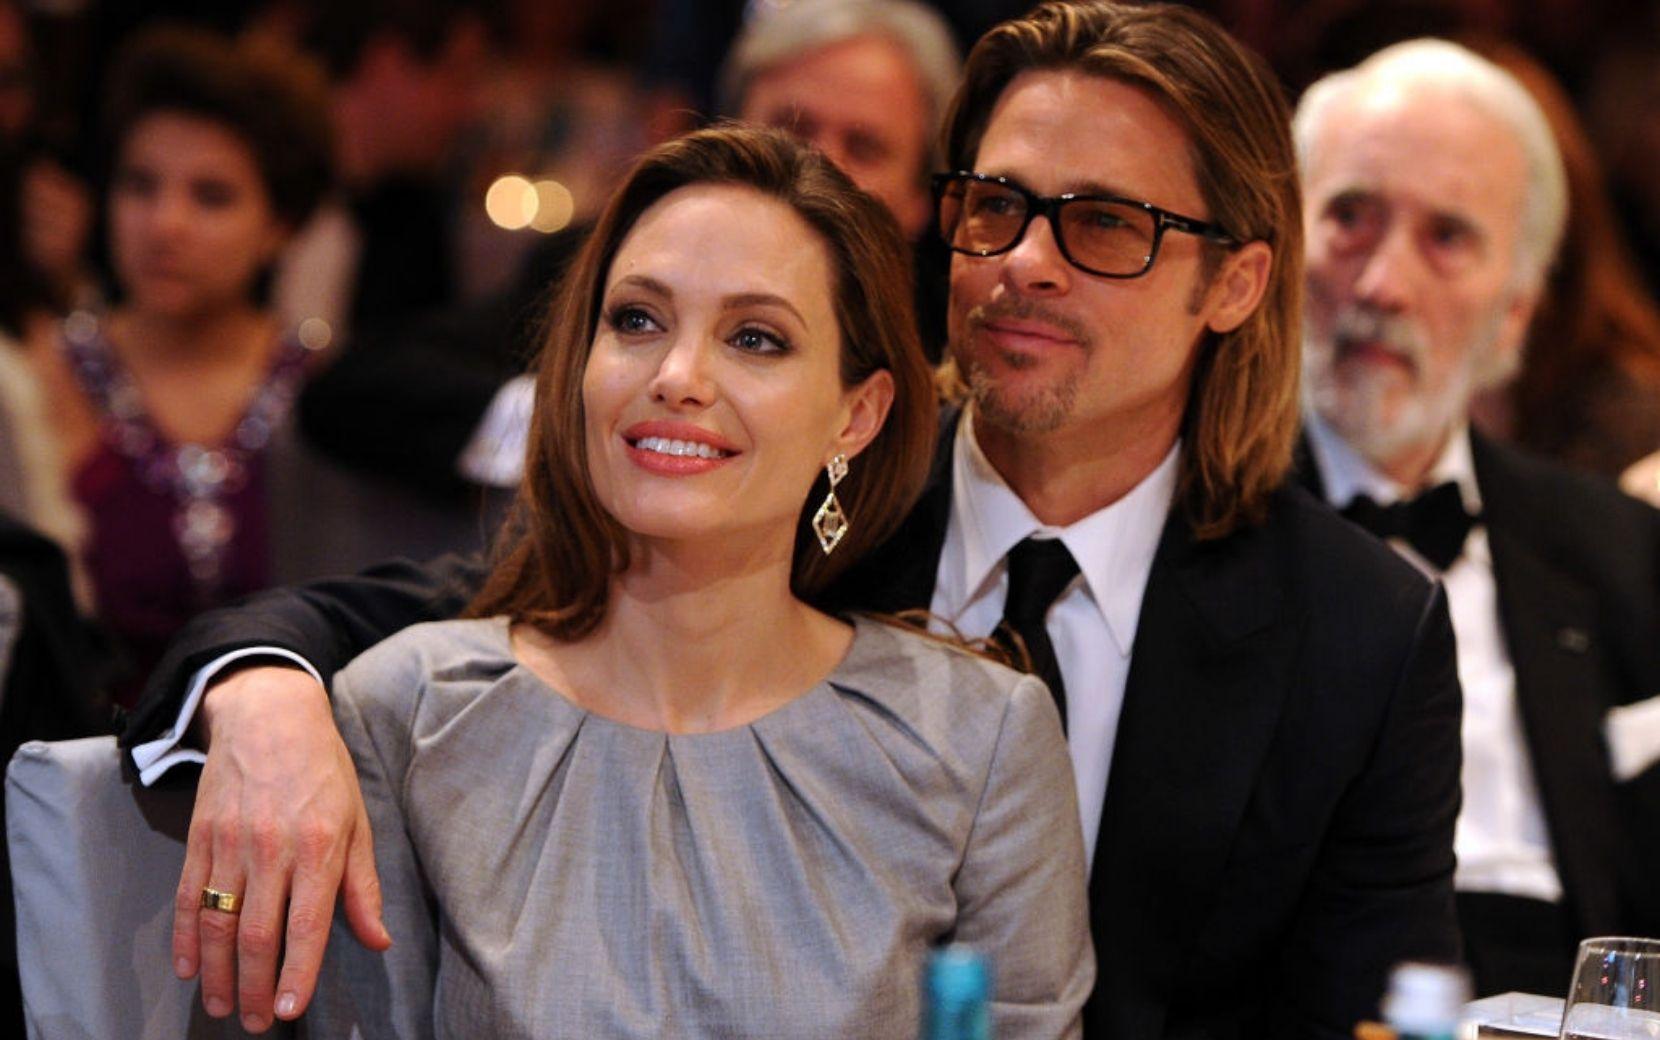 Angelina Jolie entra na justiça contra Brad Pitt por causa de violência doméstica, diz site